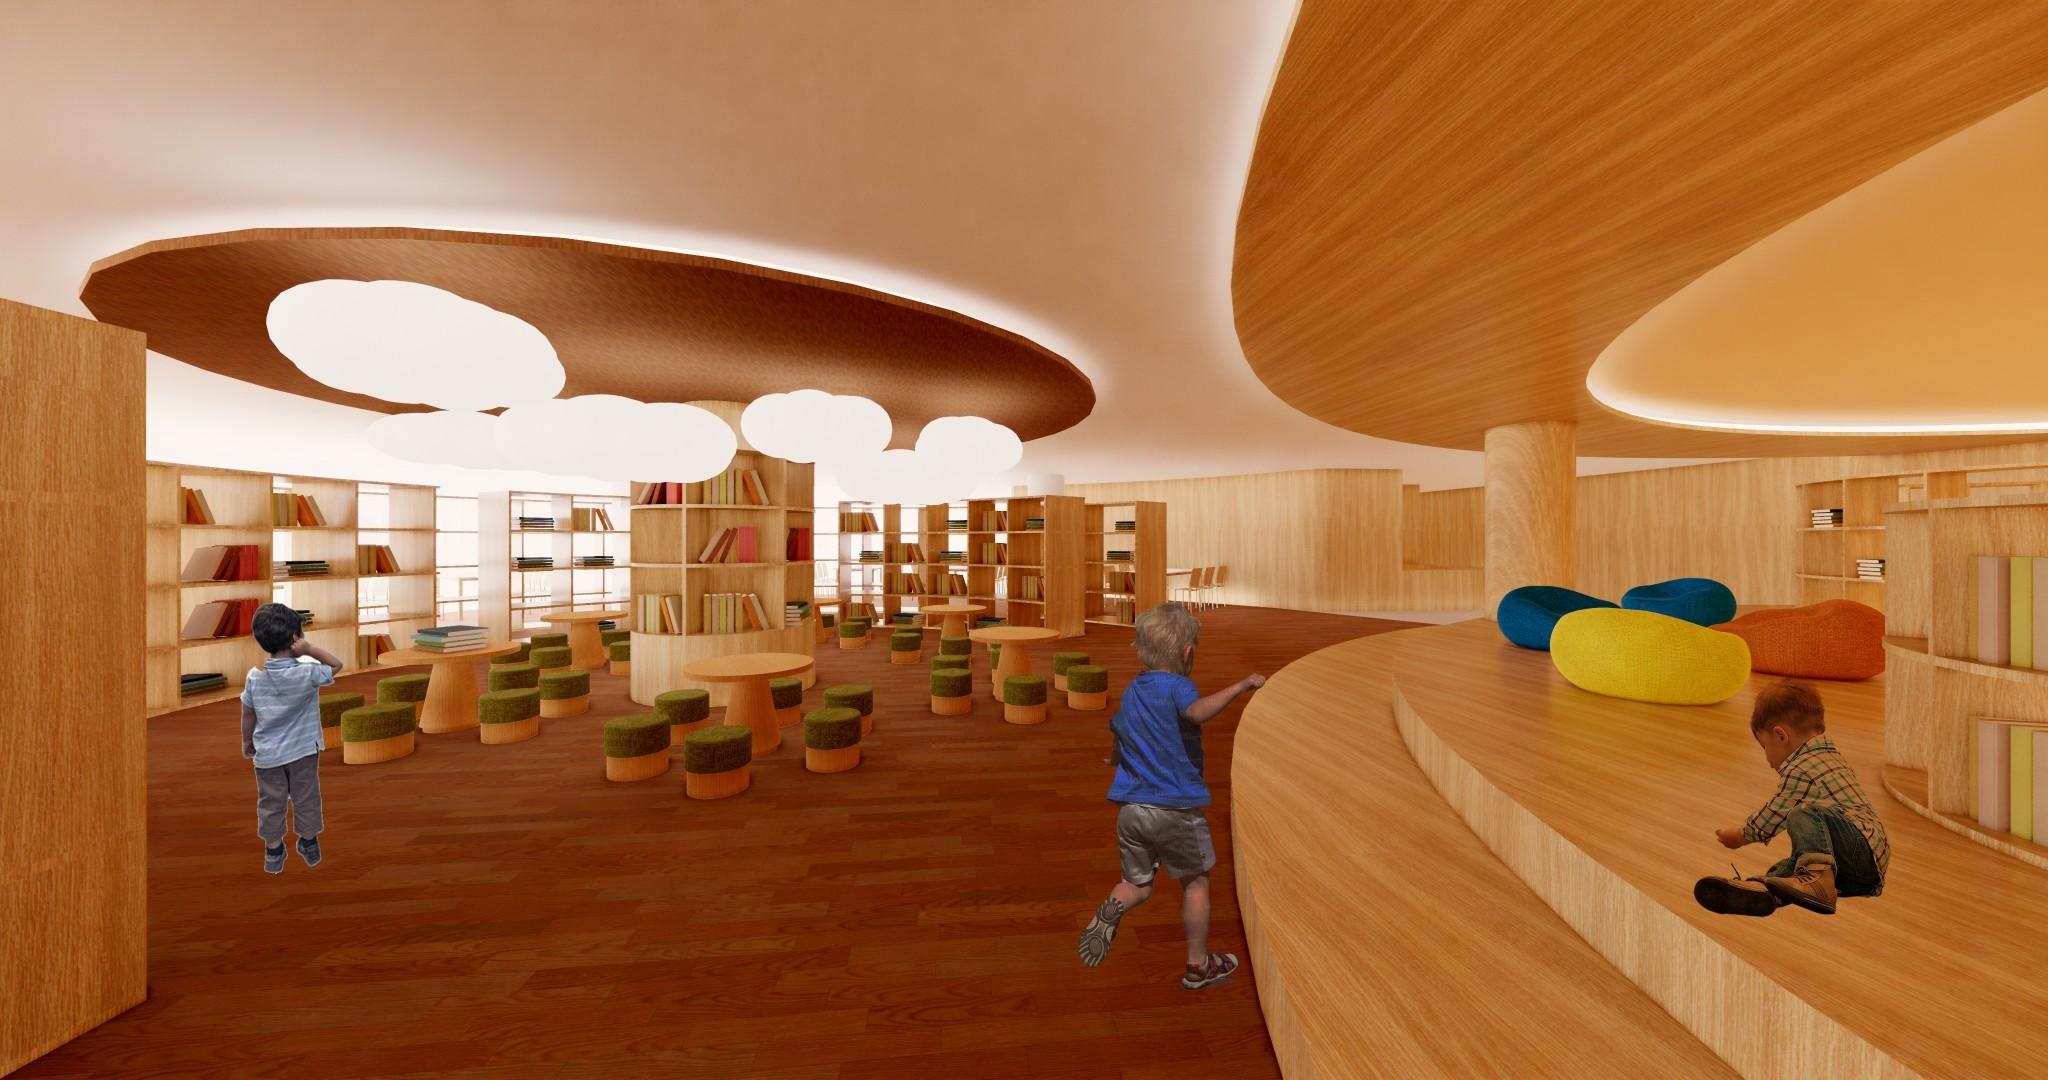 成都紫领北星学院室内设计